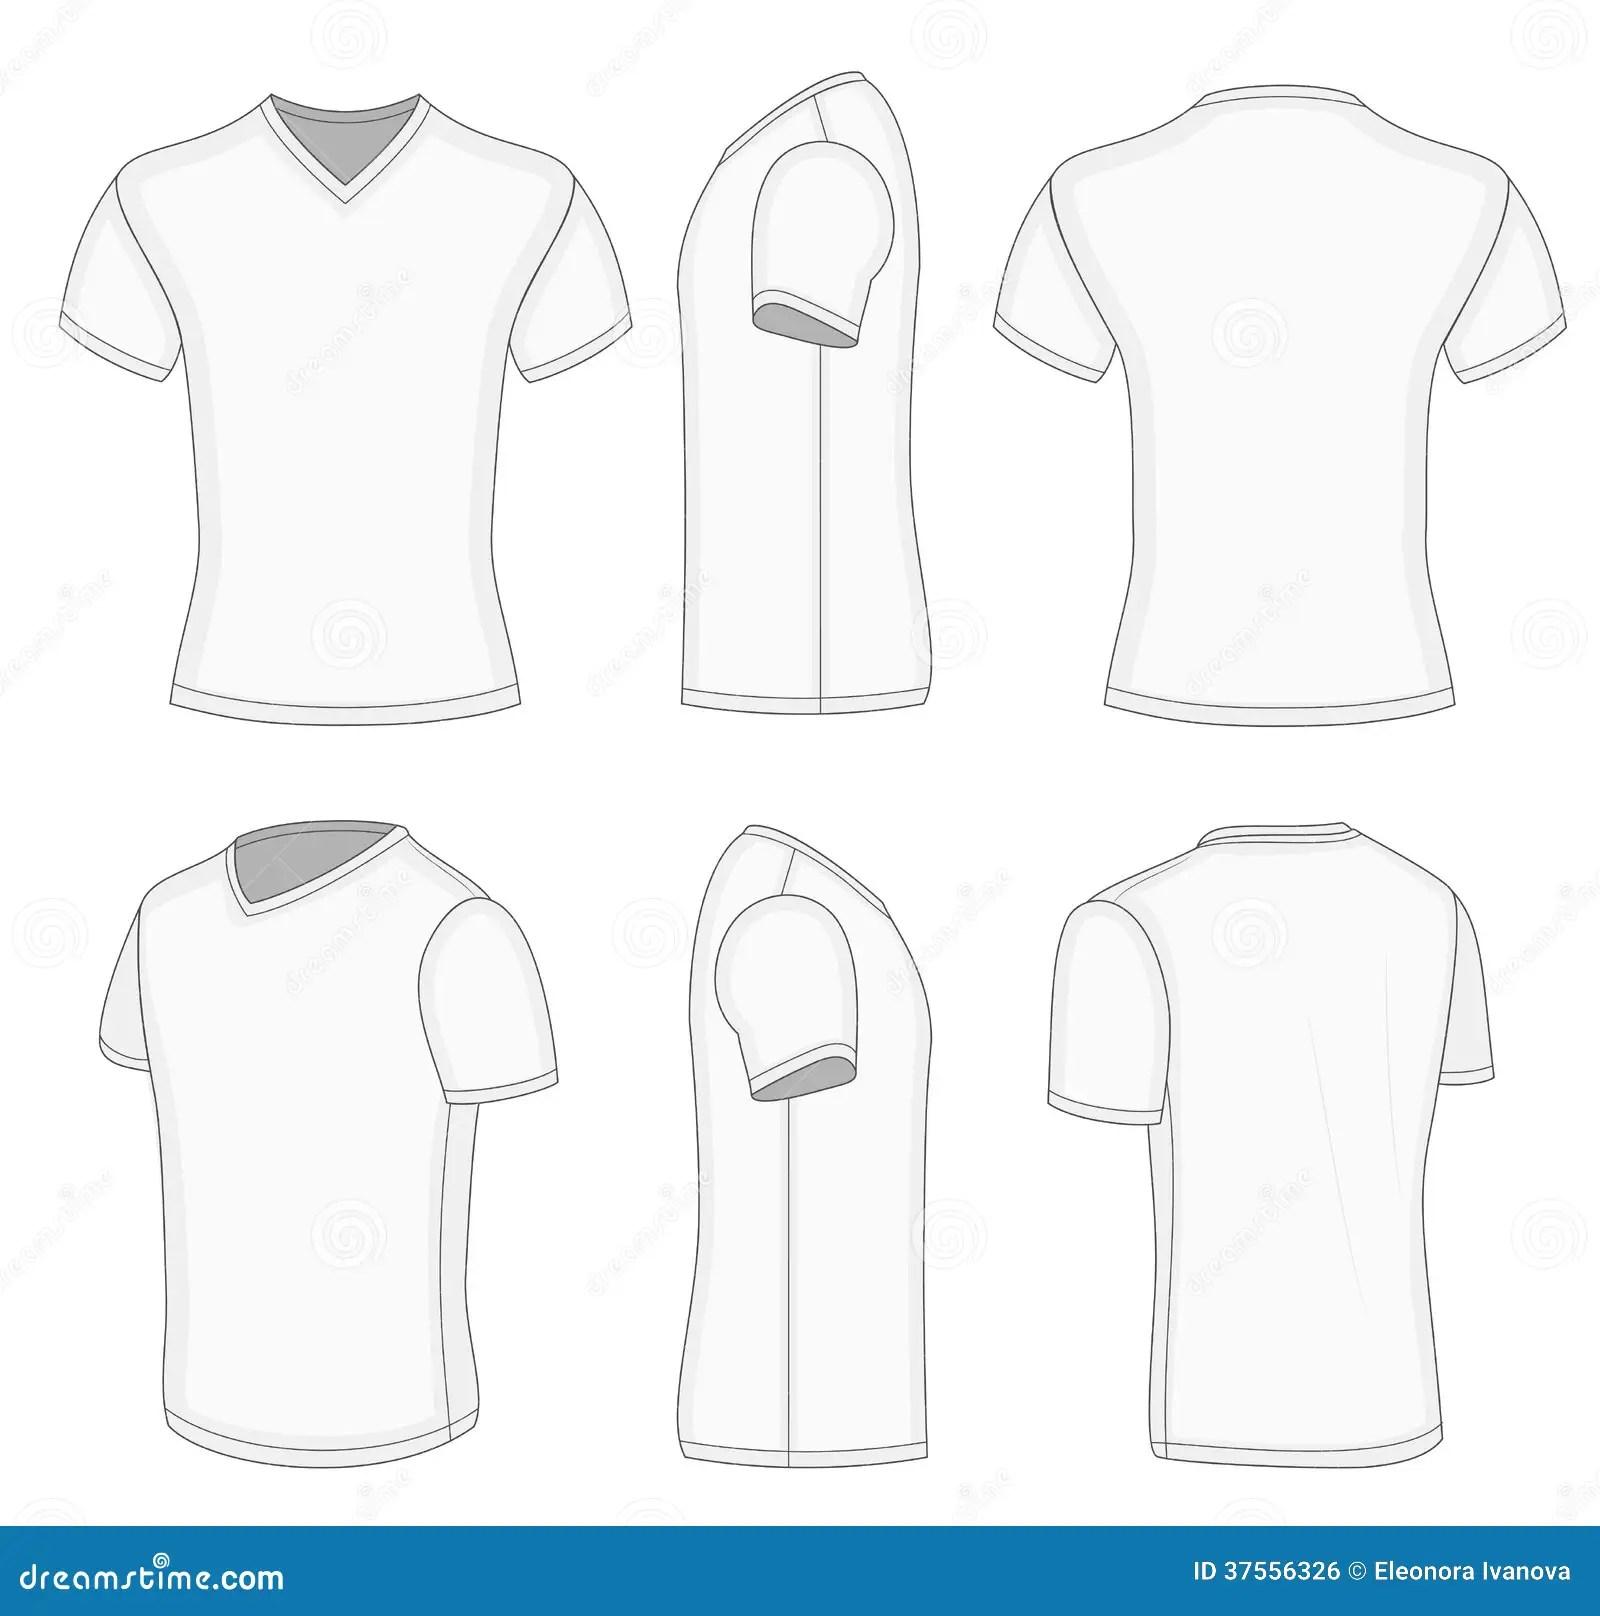 All Views Men S White Short Sleeve V Neck T Shirt Stock Vector